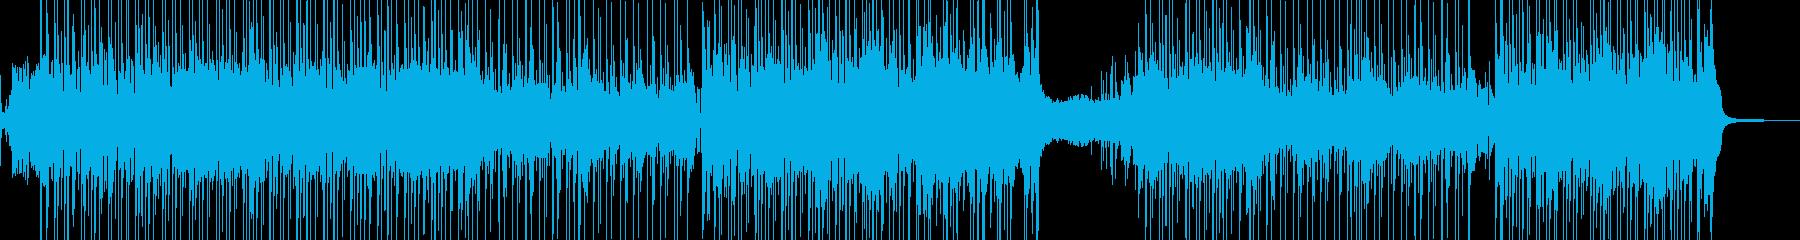 琴・レトロな演歌調ポップ ★の再生済みの波形